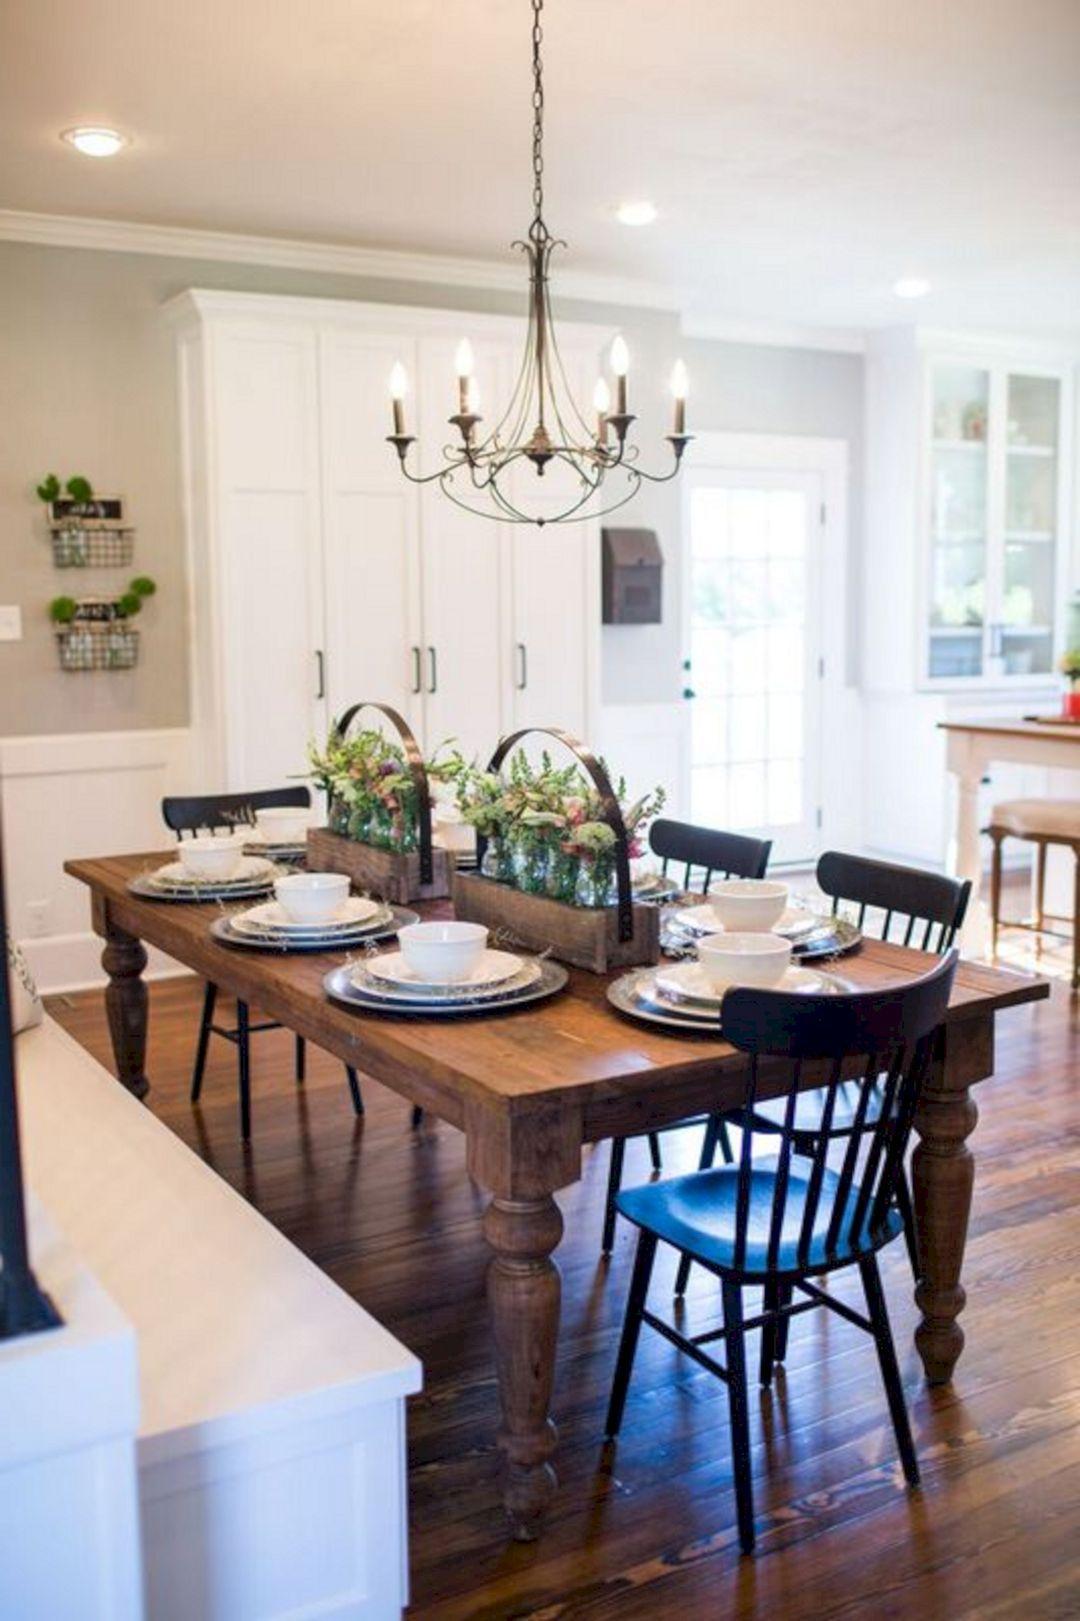 75 Simple And Minimalist Dining Table Decor Ideas Farmhouse